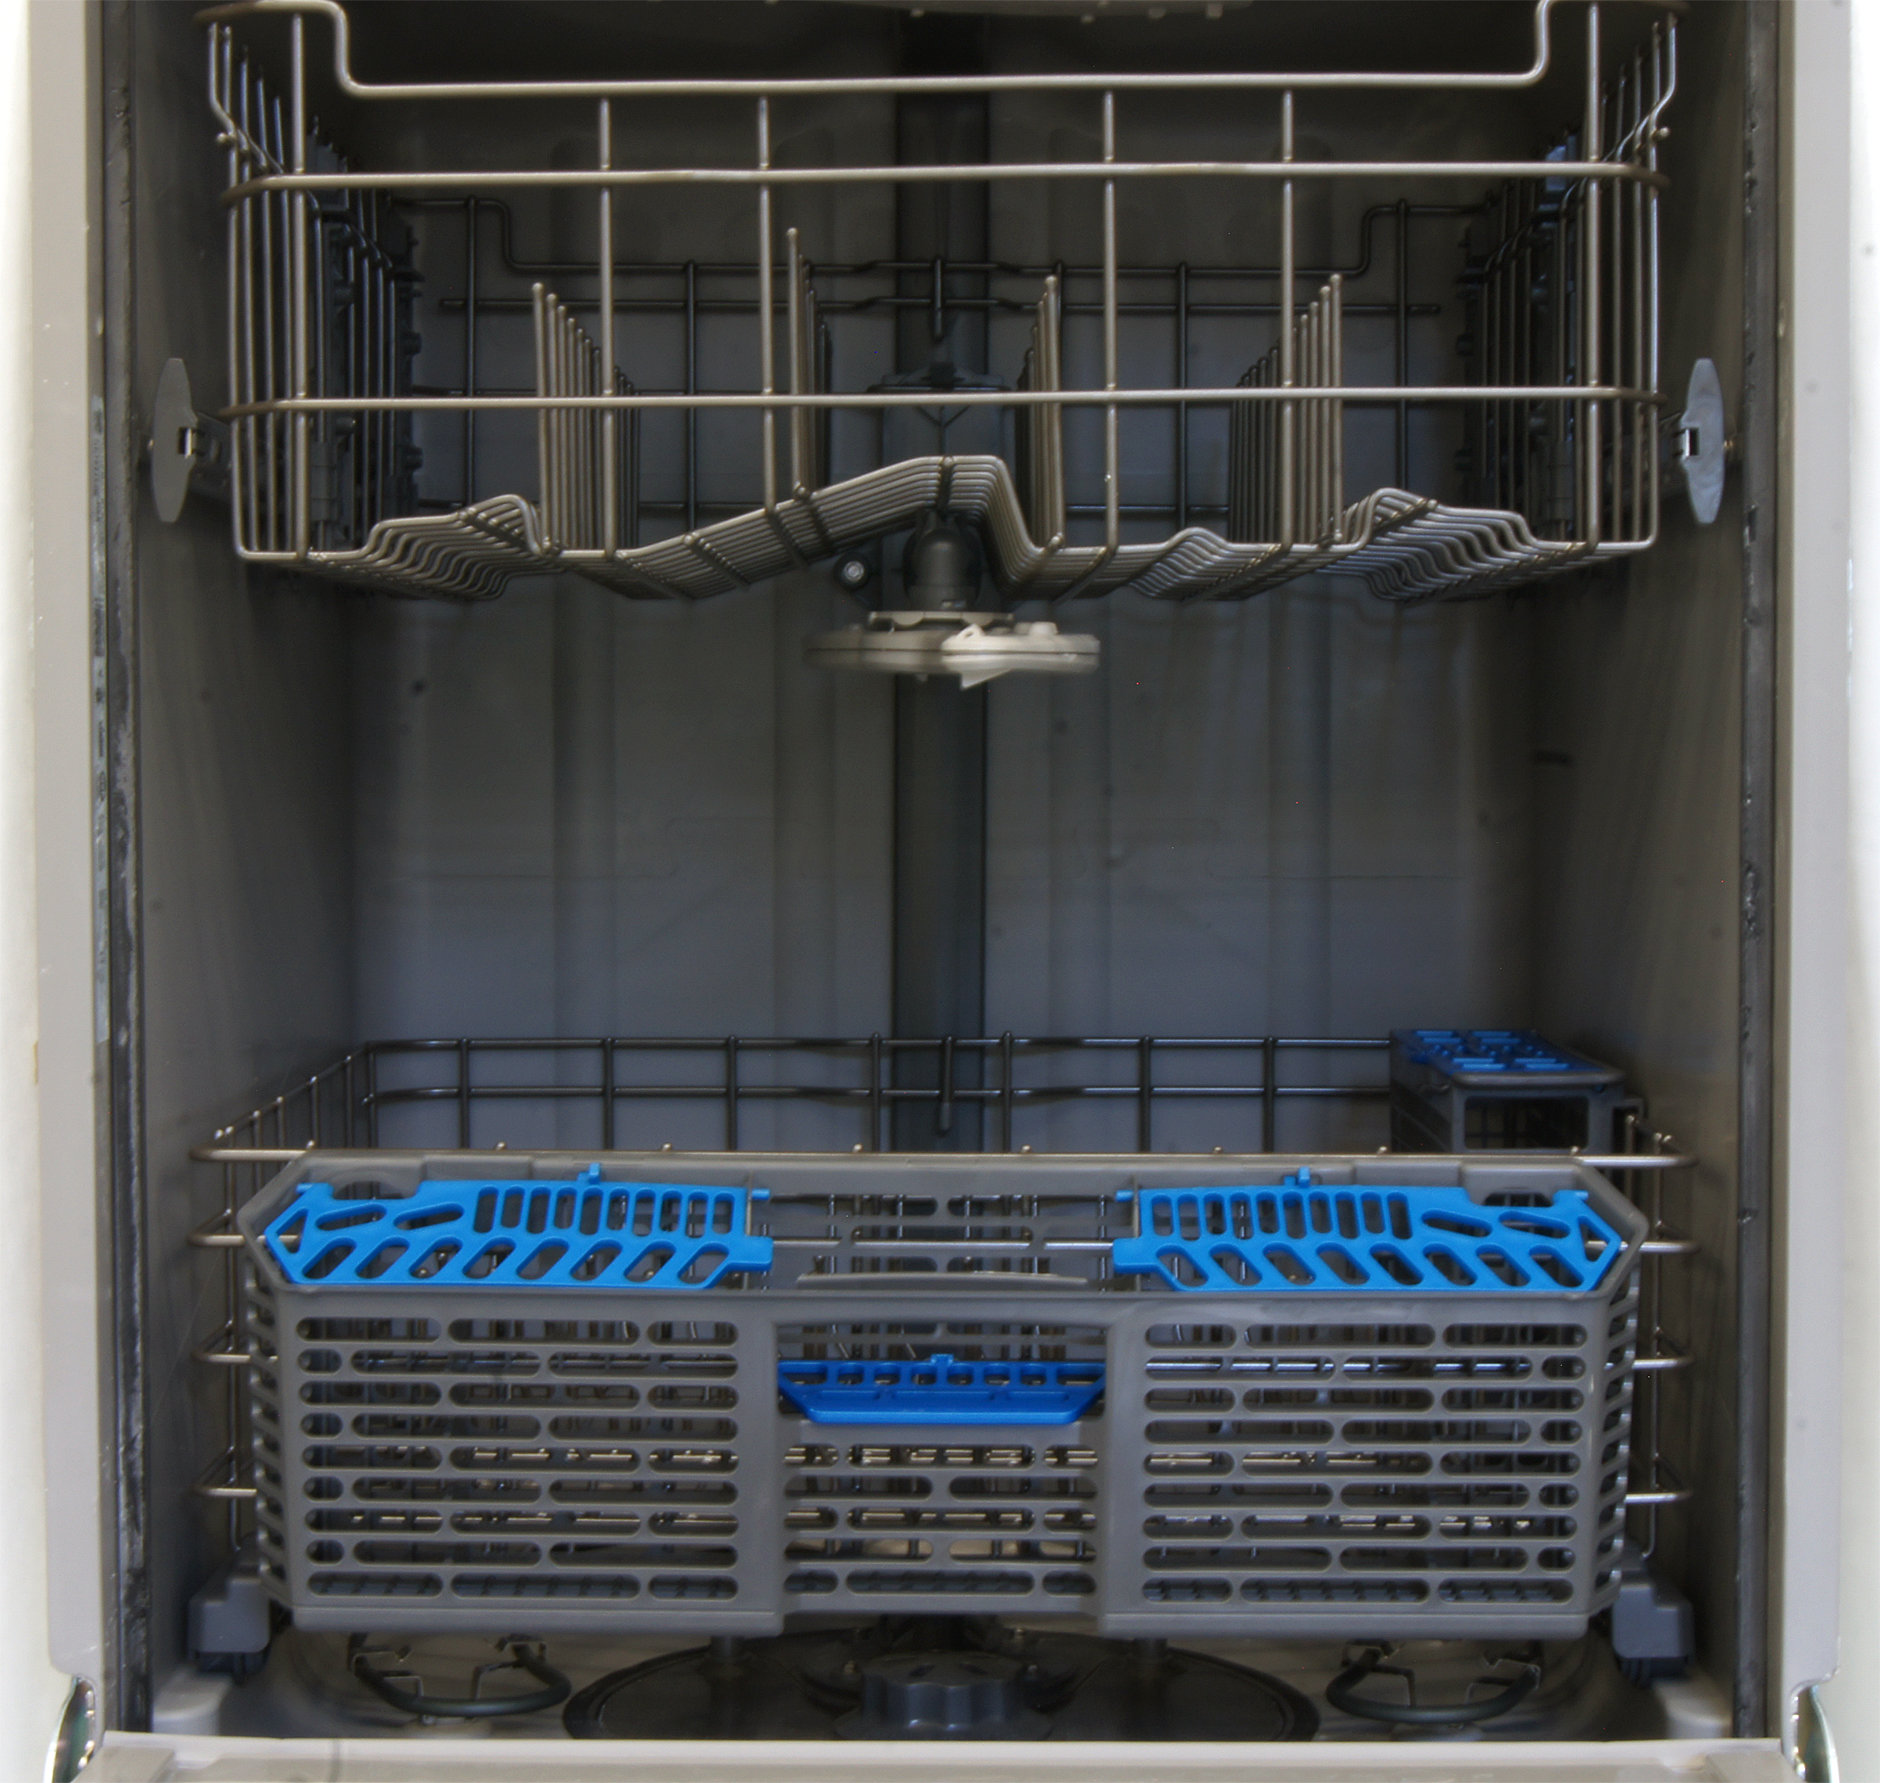 GE Artistry ADT521PGFWS Cutlery Basket